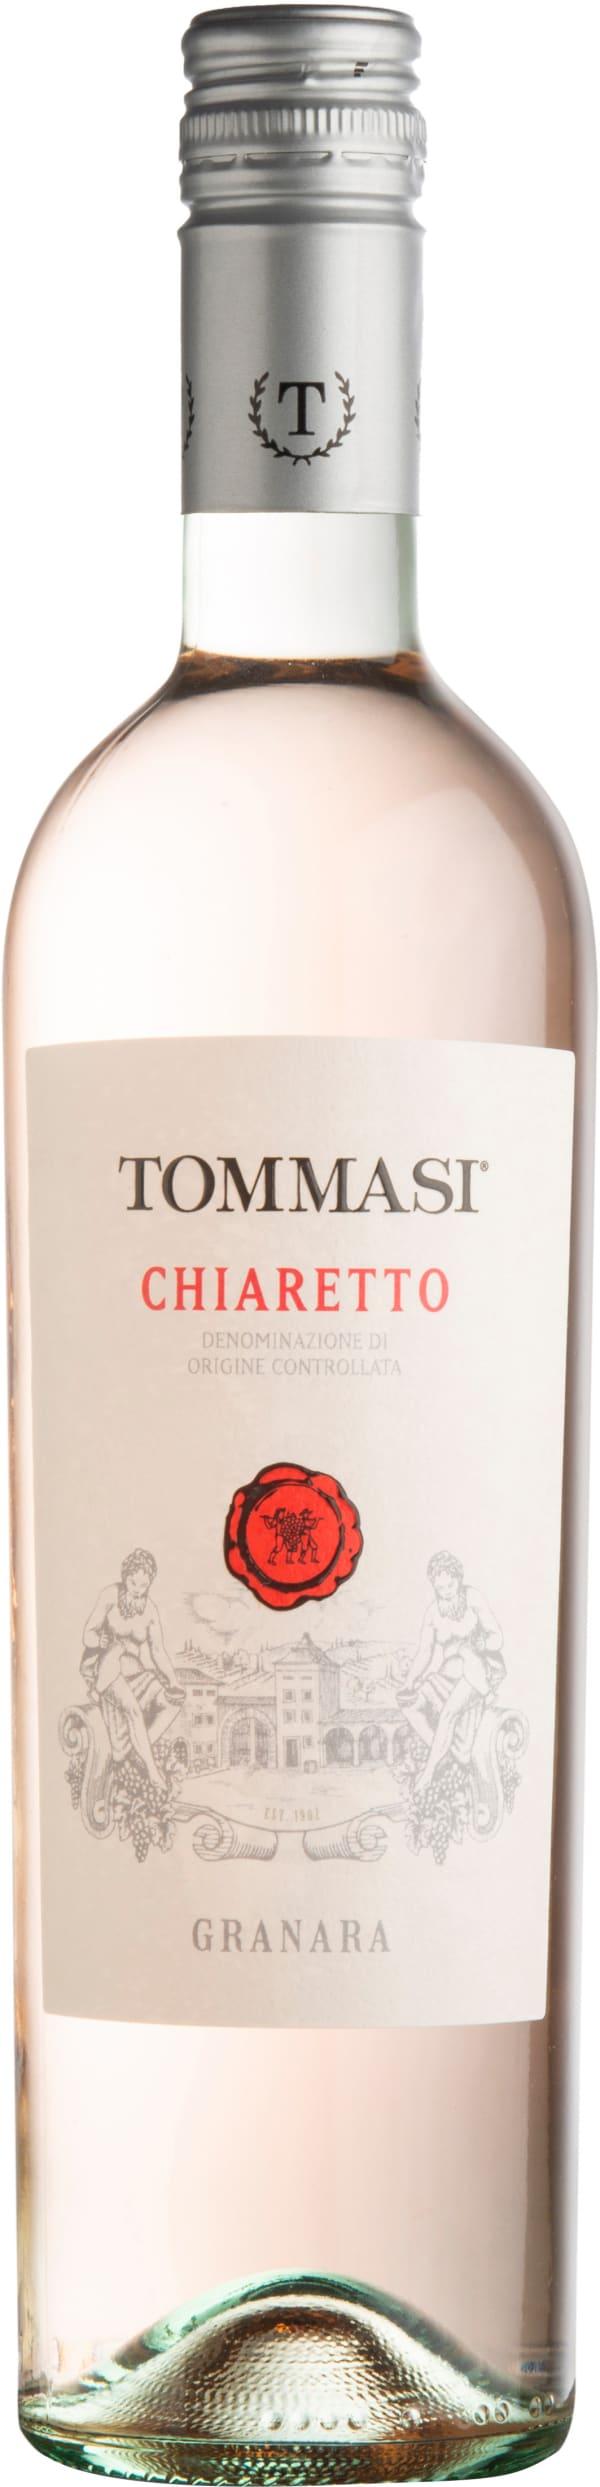 Tommasi Chiaretto Granara Rose 2019